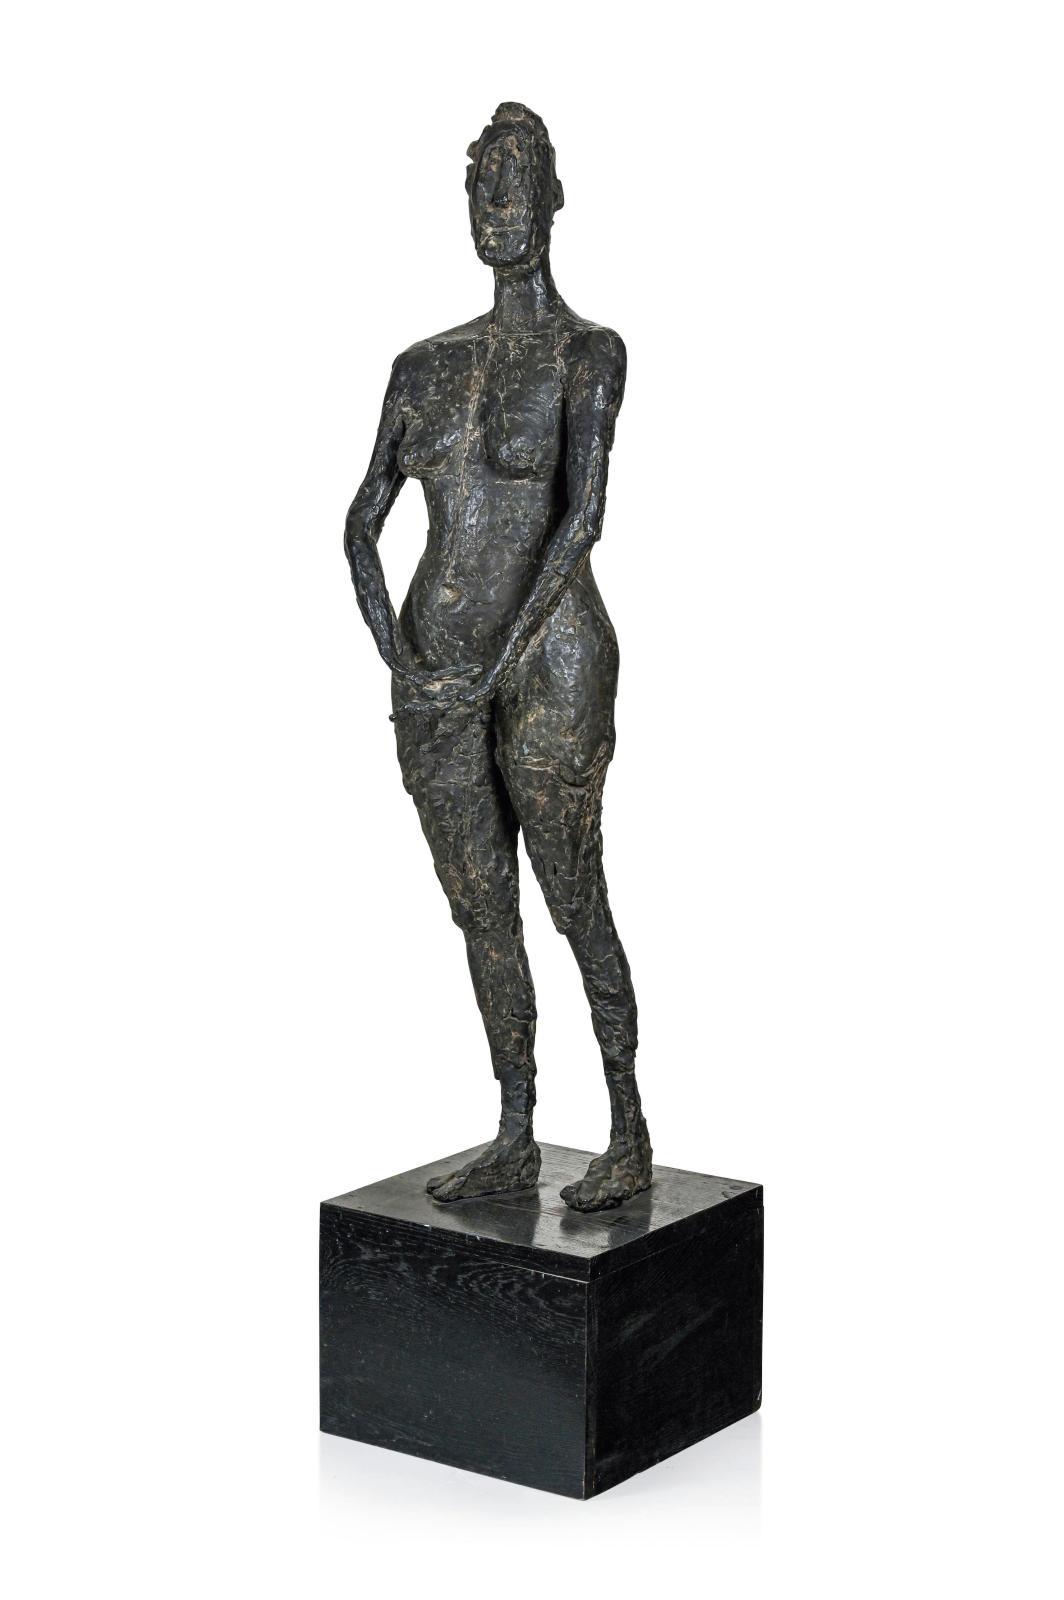 Germaine Richier (1902-1959), La Vierge folle, 1946, bronze à patine brune, 4/6, fonte de Susse, 133x38x20,5cm. Estimation: 200000/